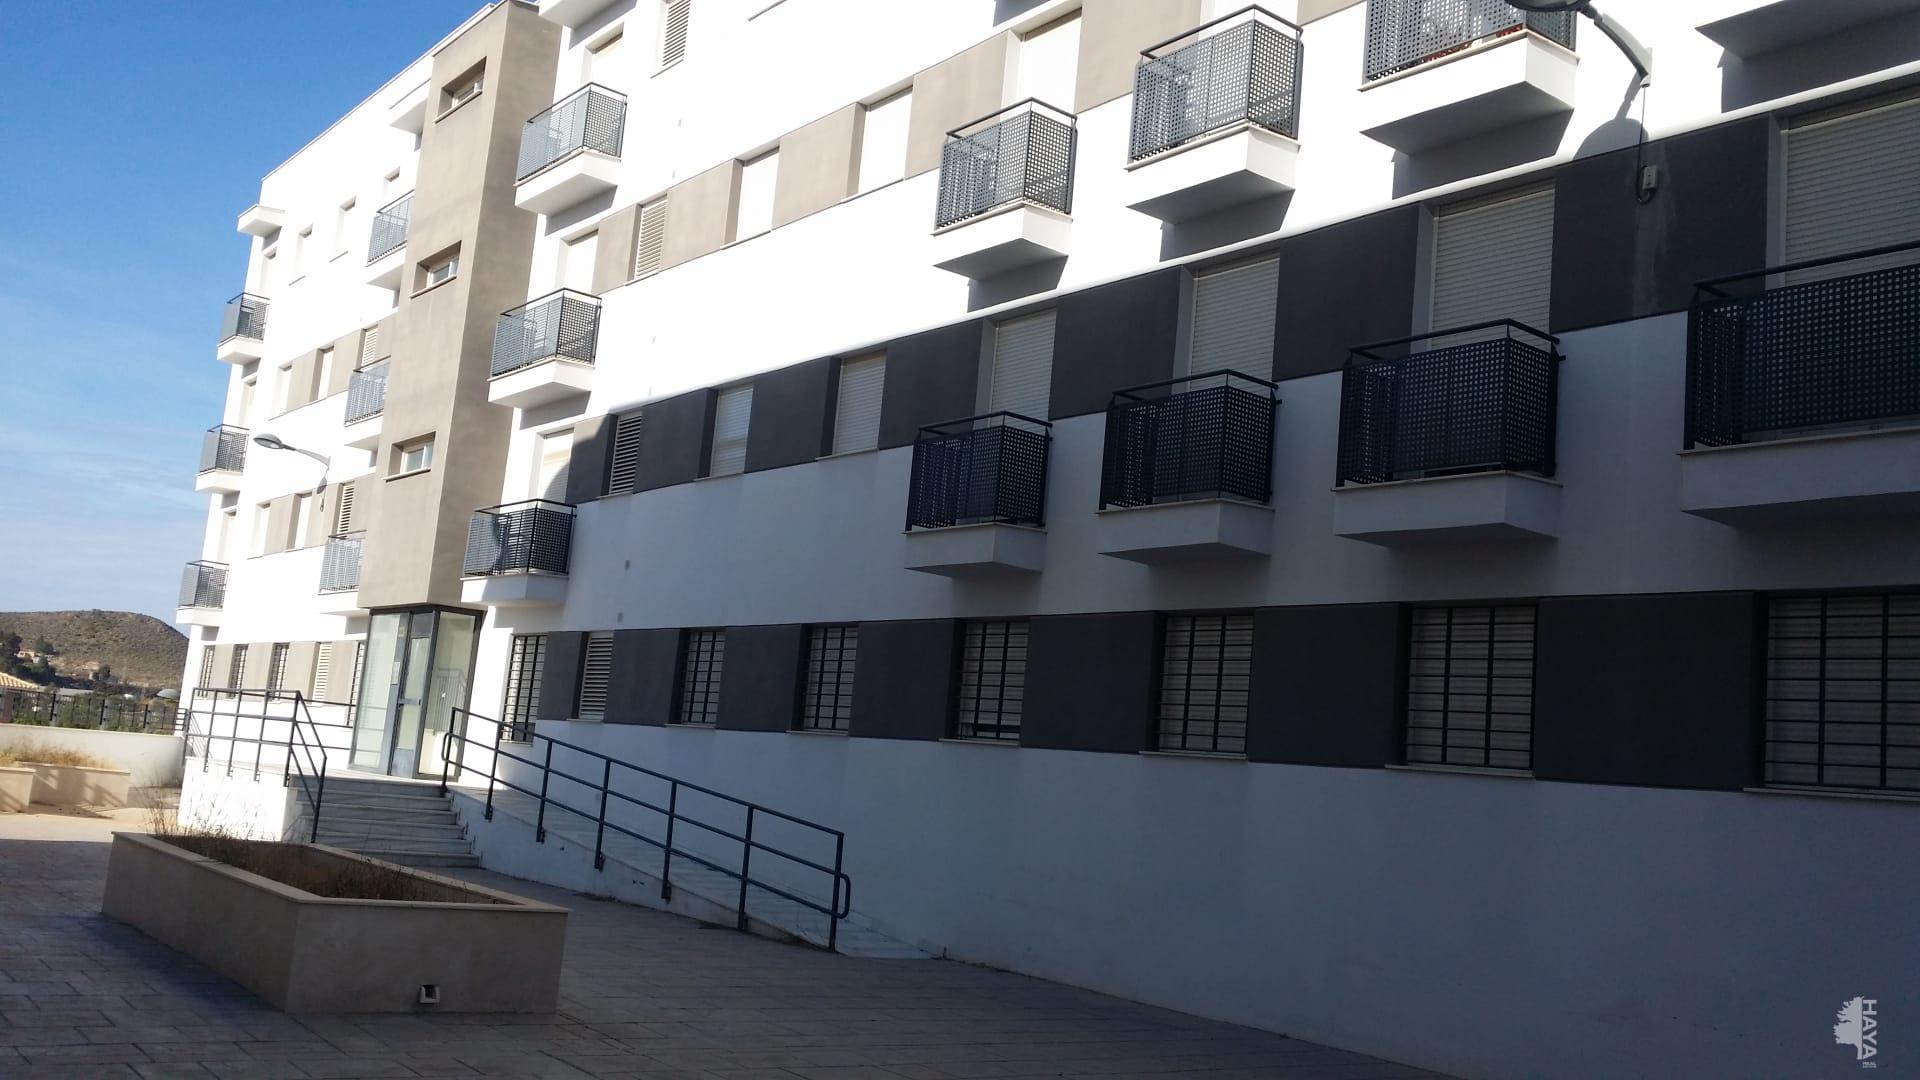 Piso en venta en Huitar Mayor, Olula del Río, Almería, Calle Alta, 69.300 €, 3 habitaciones, 1 baño, 98 m2